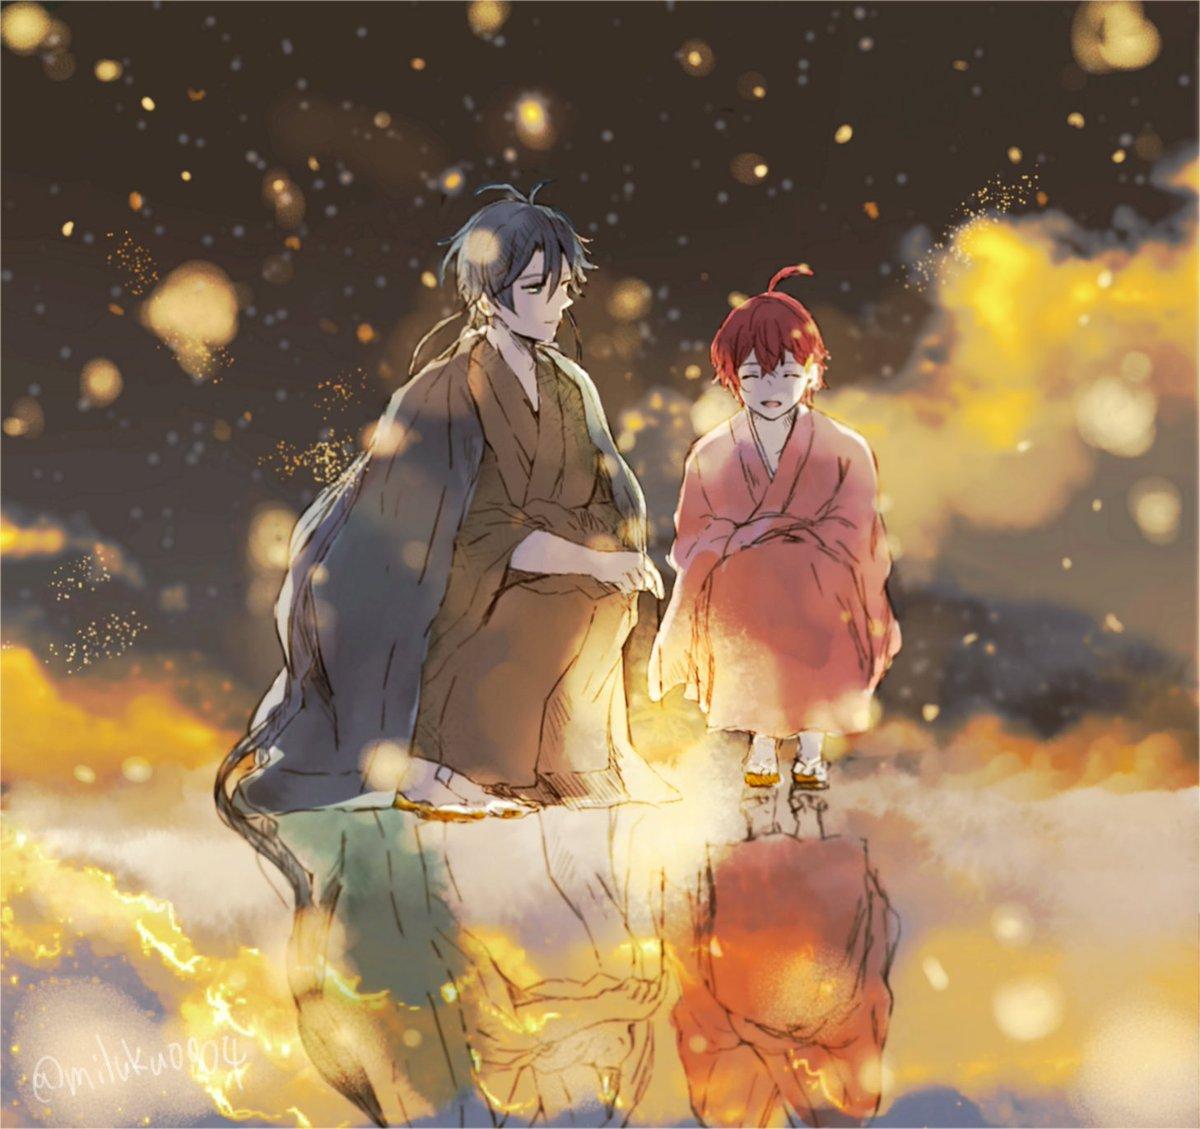 *蛍火の畔で咲いた花の火  また終らない夏をきみと二人で  *あくだざ  #文アル